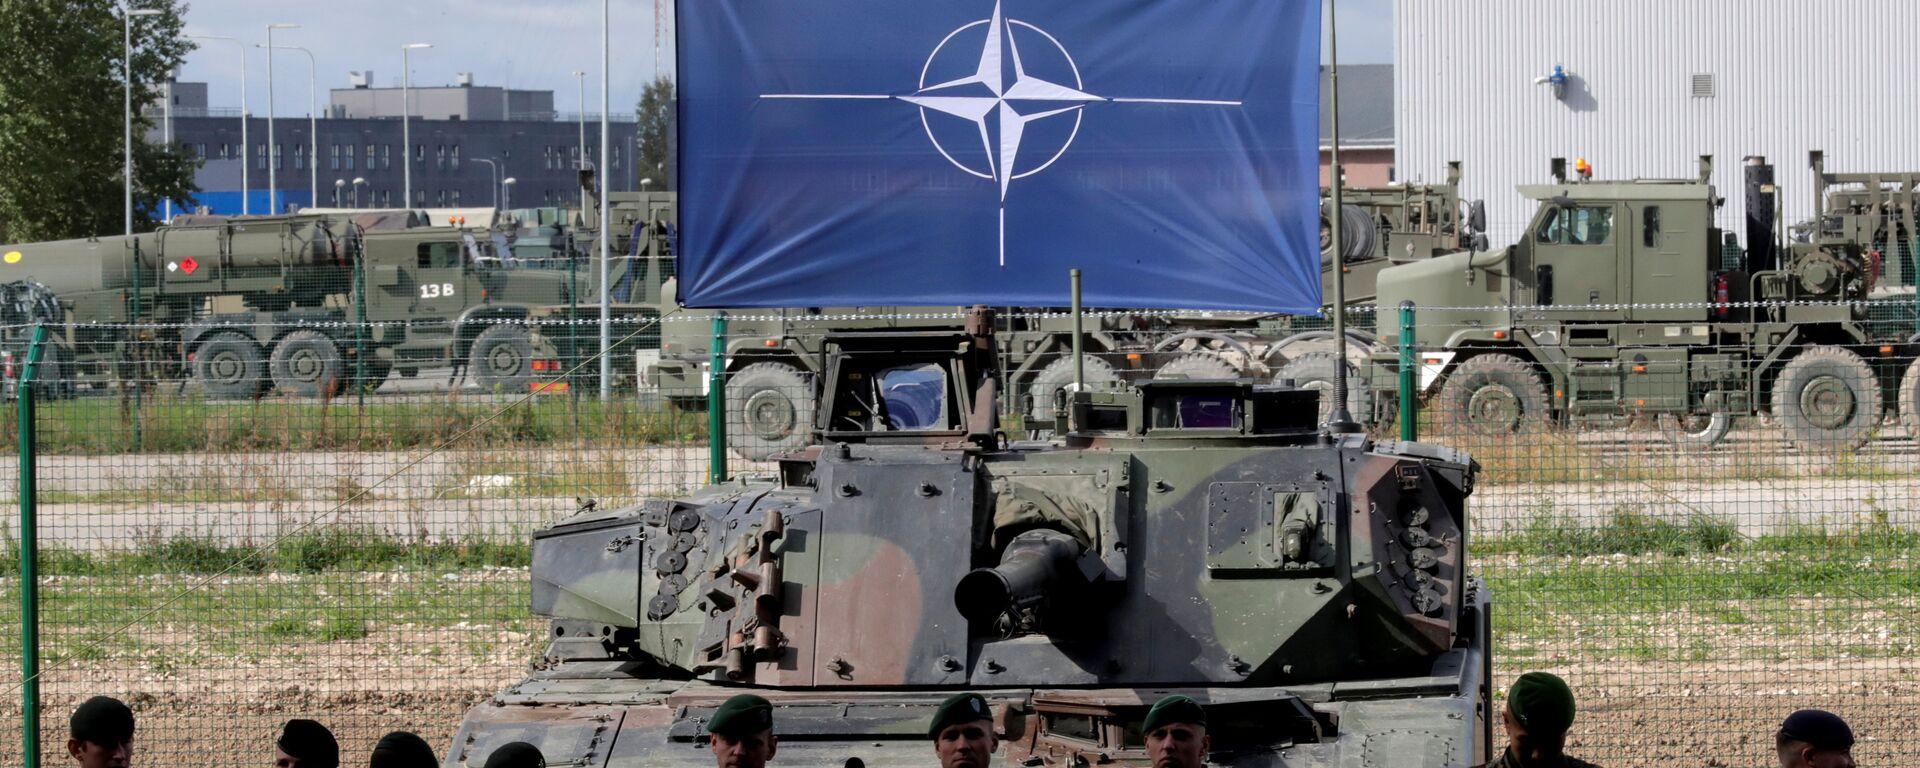 La bandera de la OTAN - Sputnik Mundo, 1920, 20.02.2021